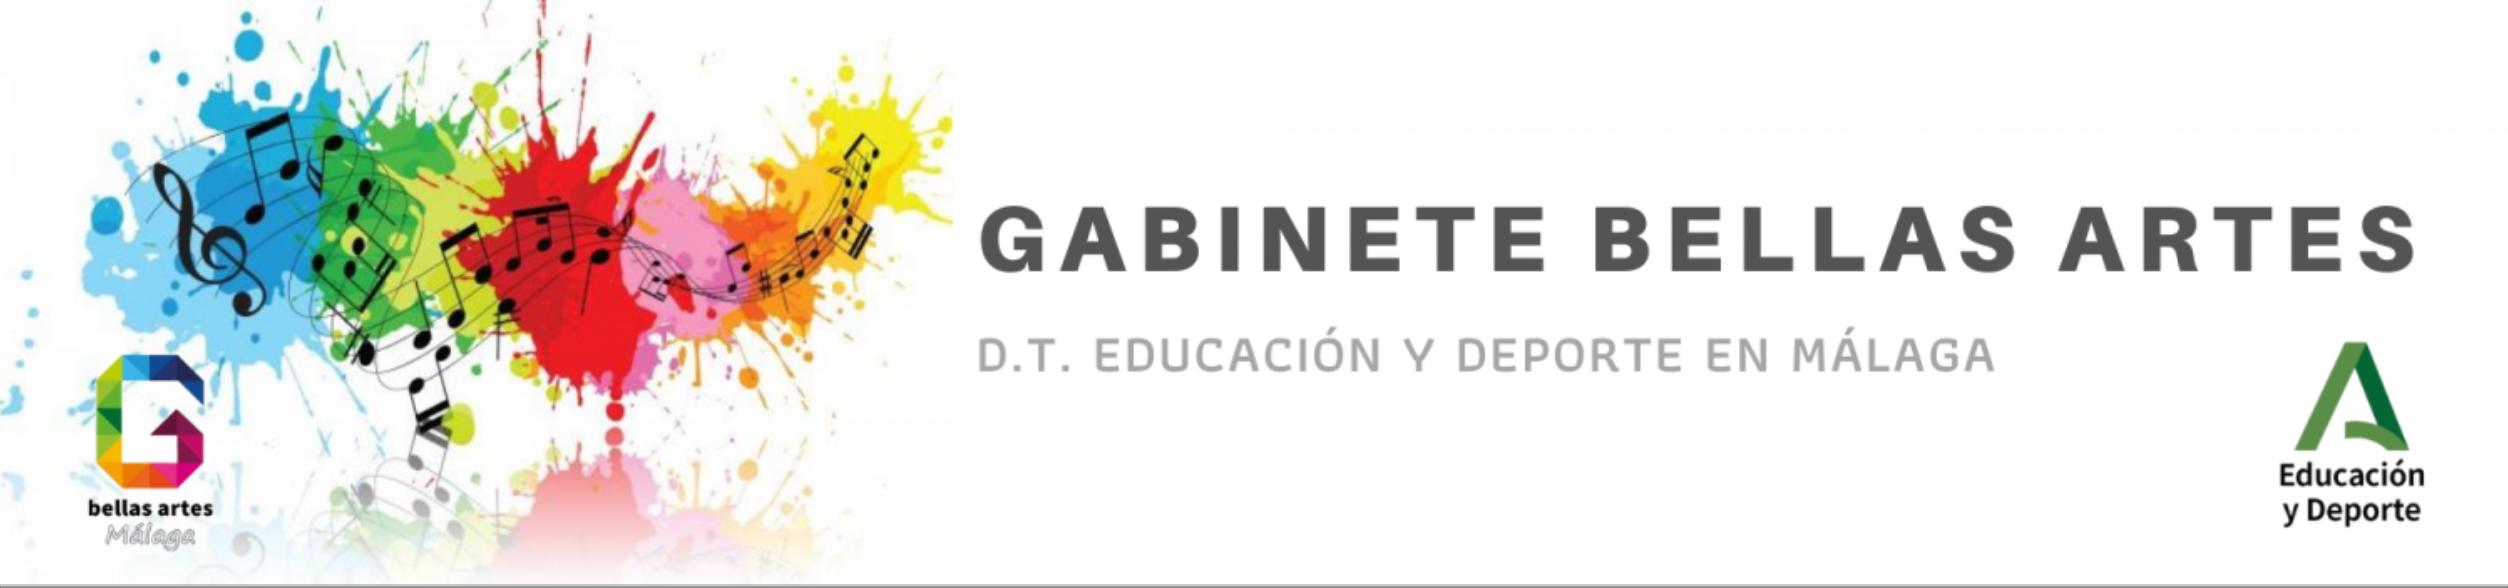 GABINETE BELLAS ARTES MÁLAGA